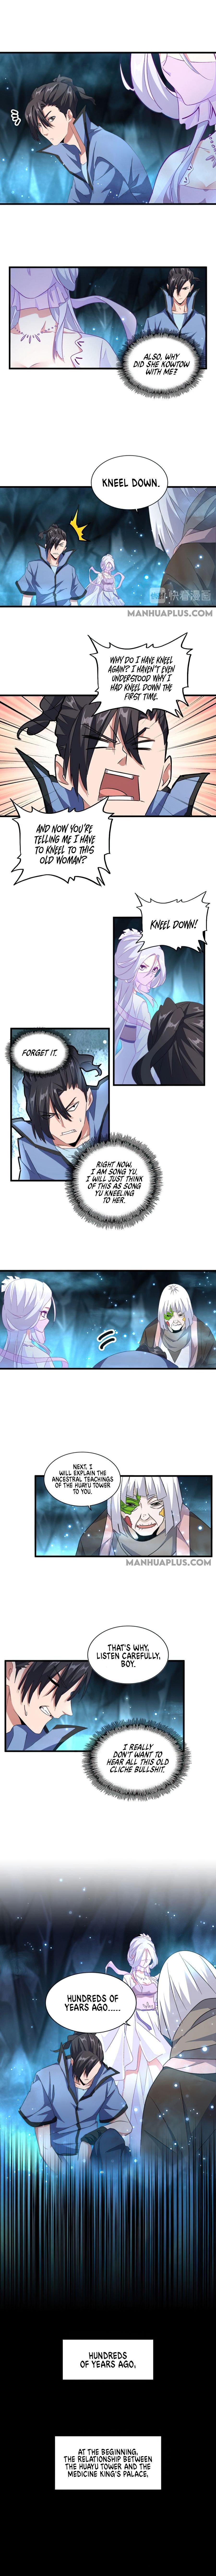 Magic Emperor Chapter 151 page 6 - Mangakakalots.com